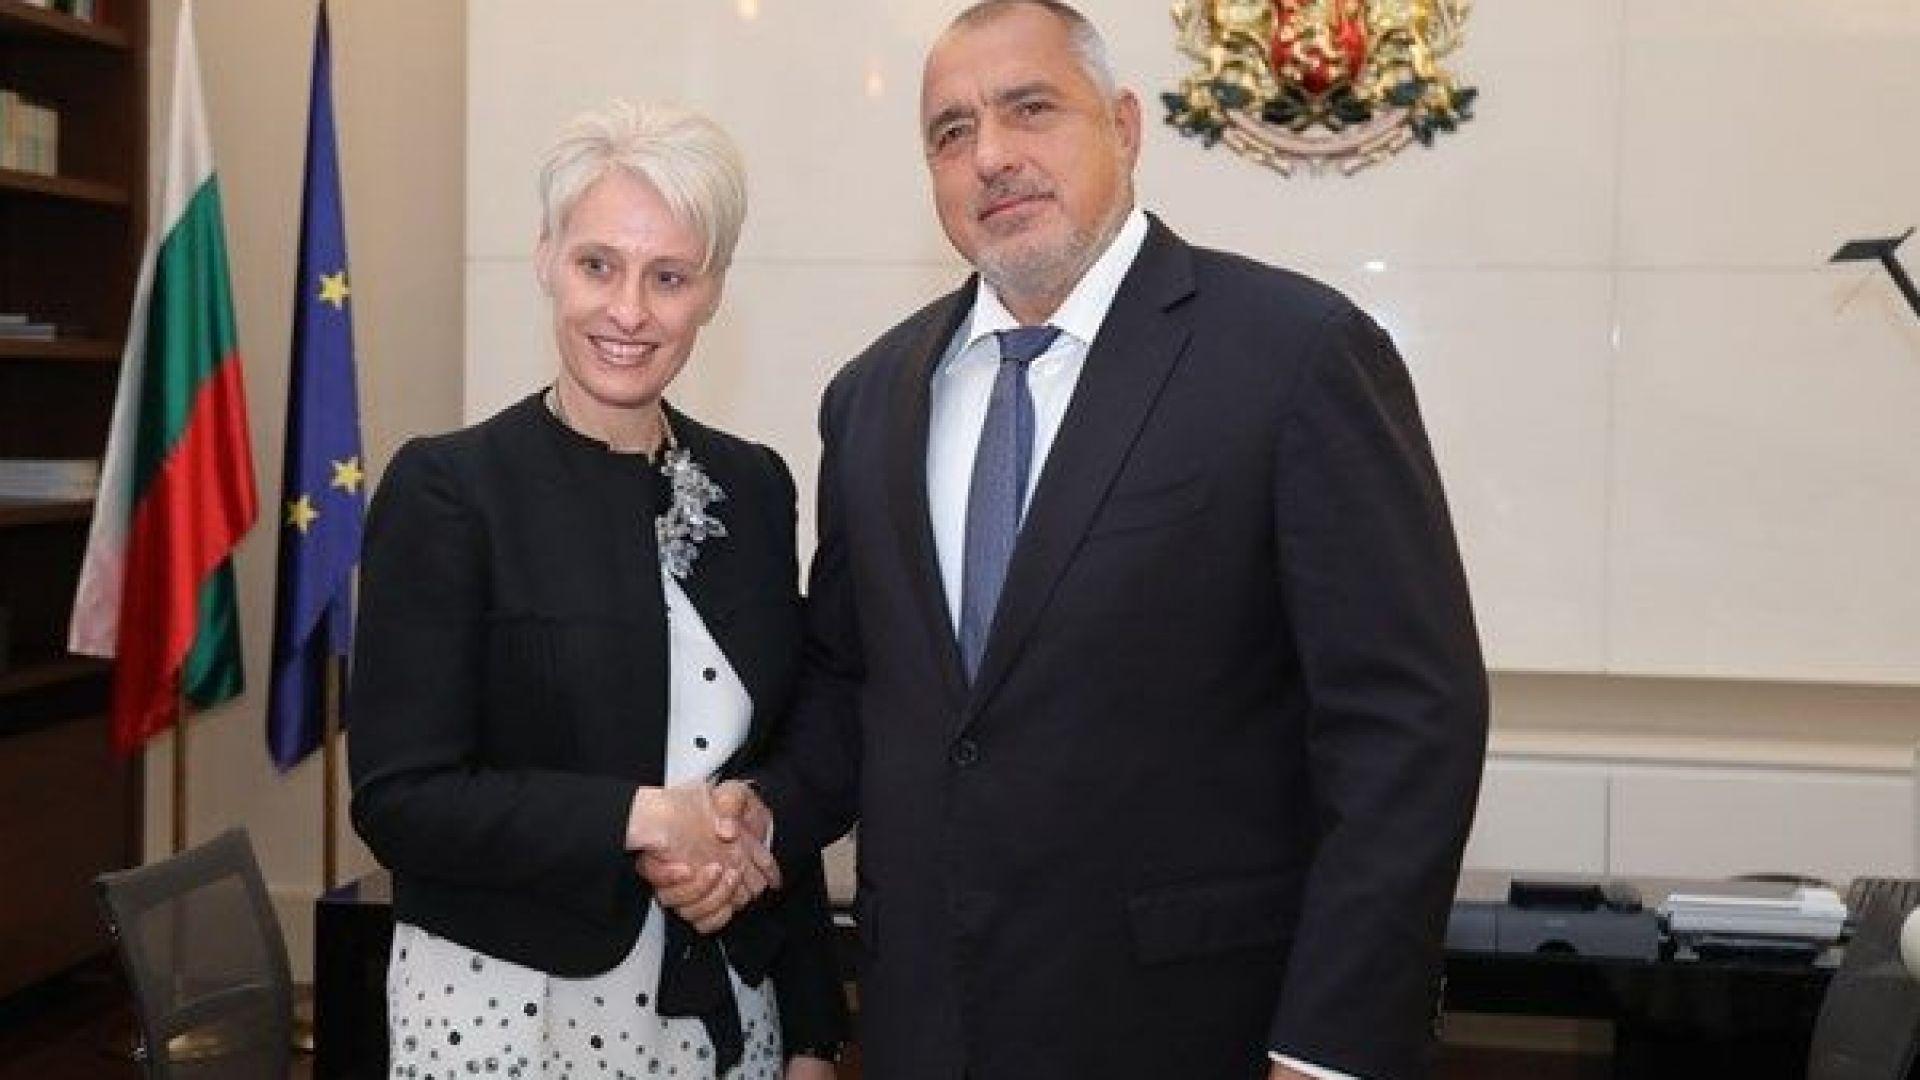 """Борисов се среща с британския посланик заради случая """"Гебрев-Скрипал"""""""